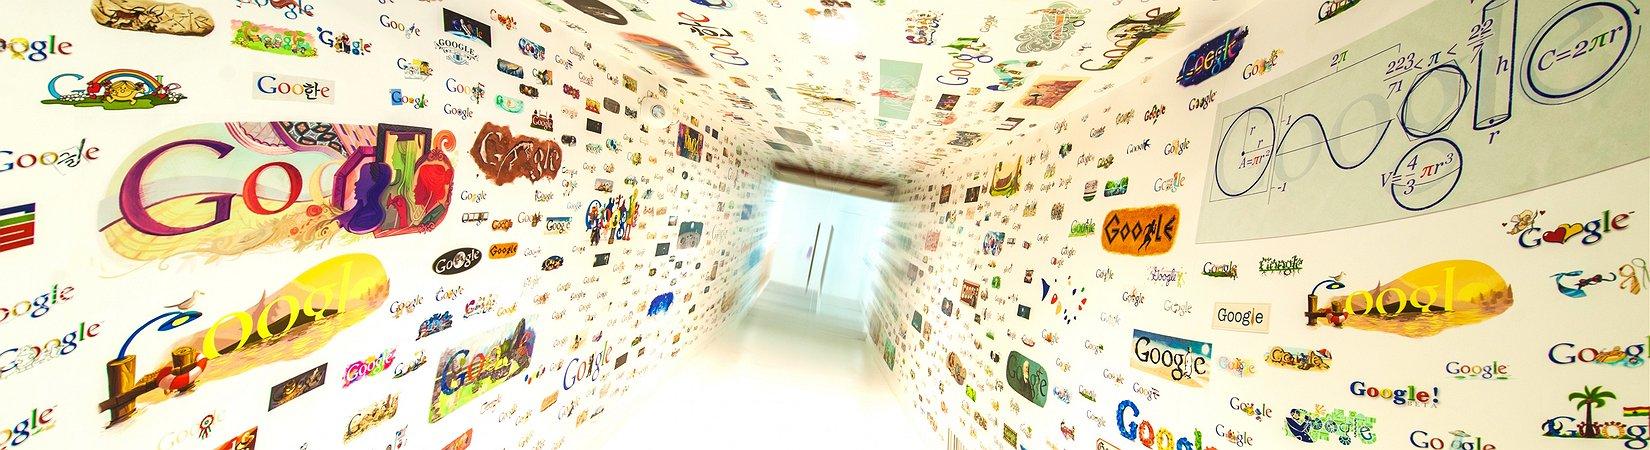 26 Fotos que mostram que a Google tem os escritórios mais cool do mundo